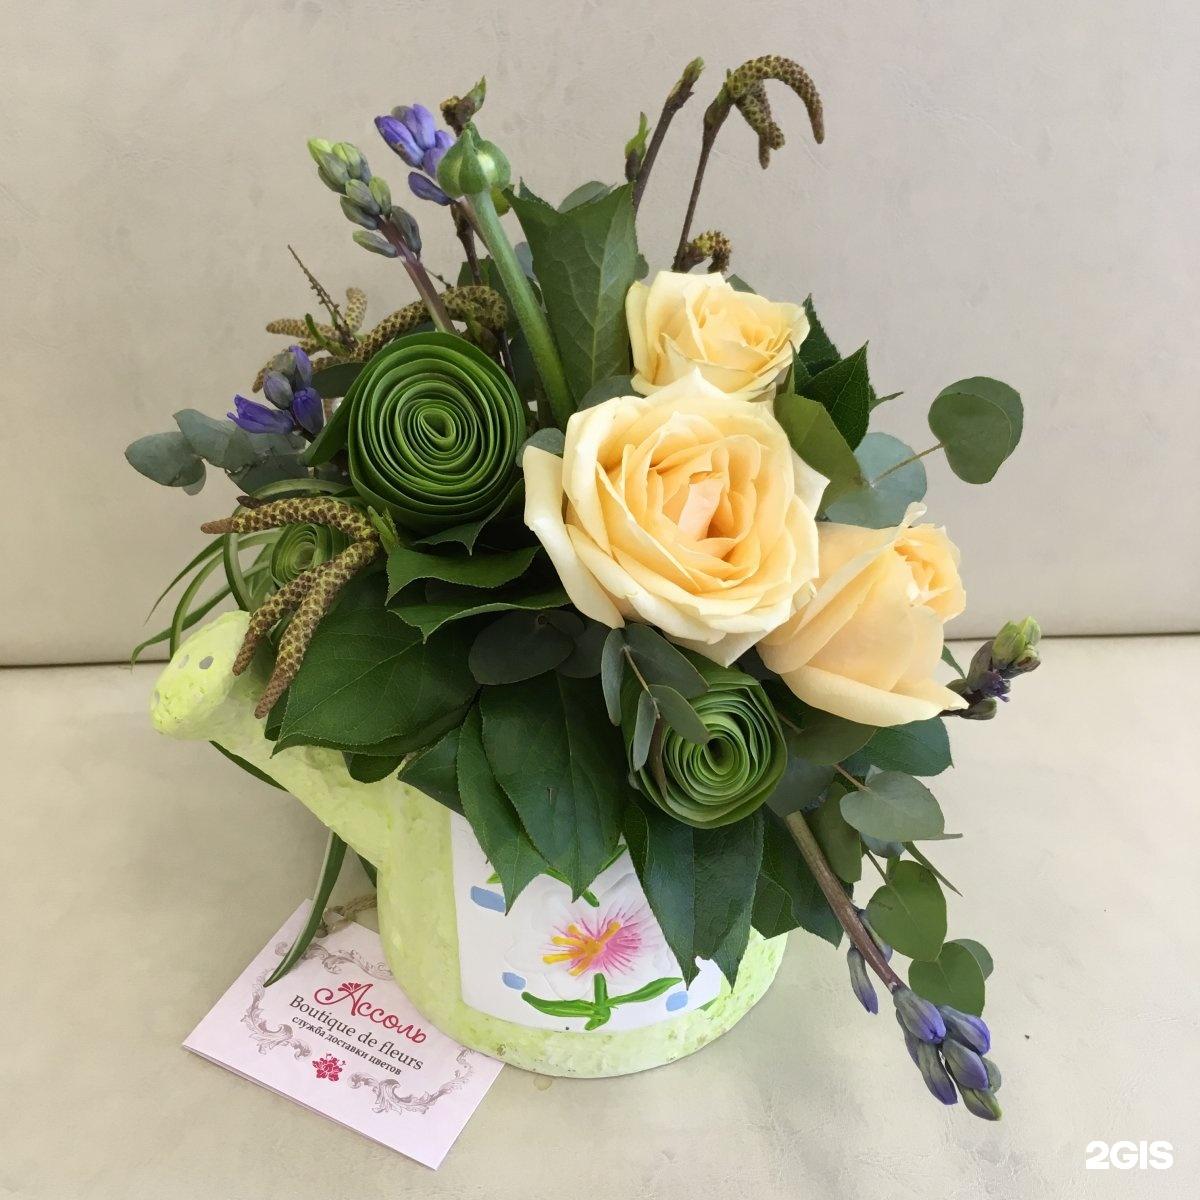 Глобус киров, цветы пушкин купить